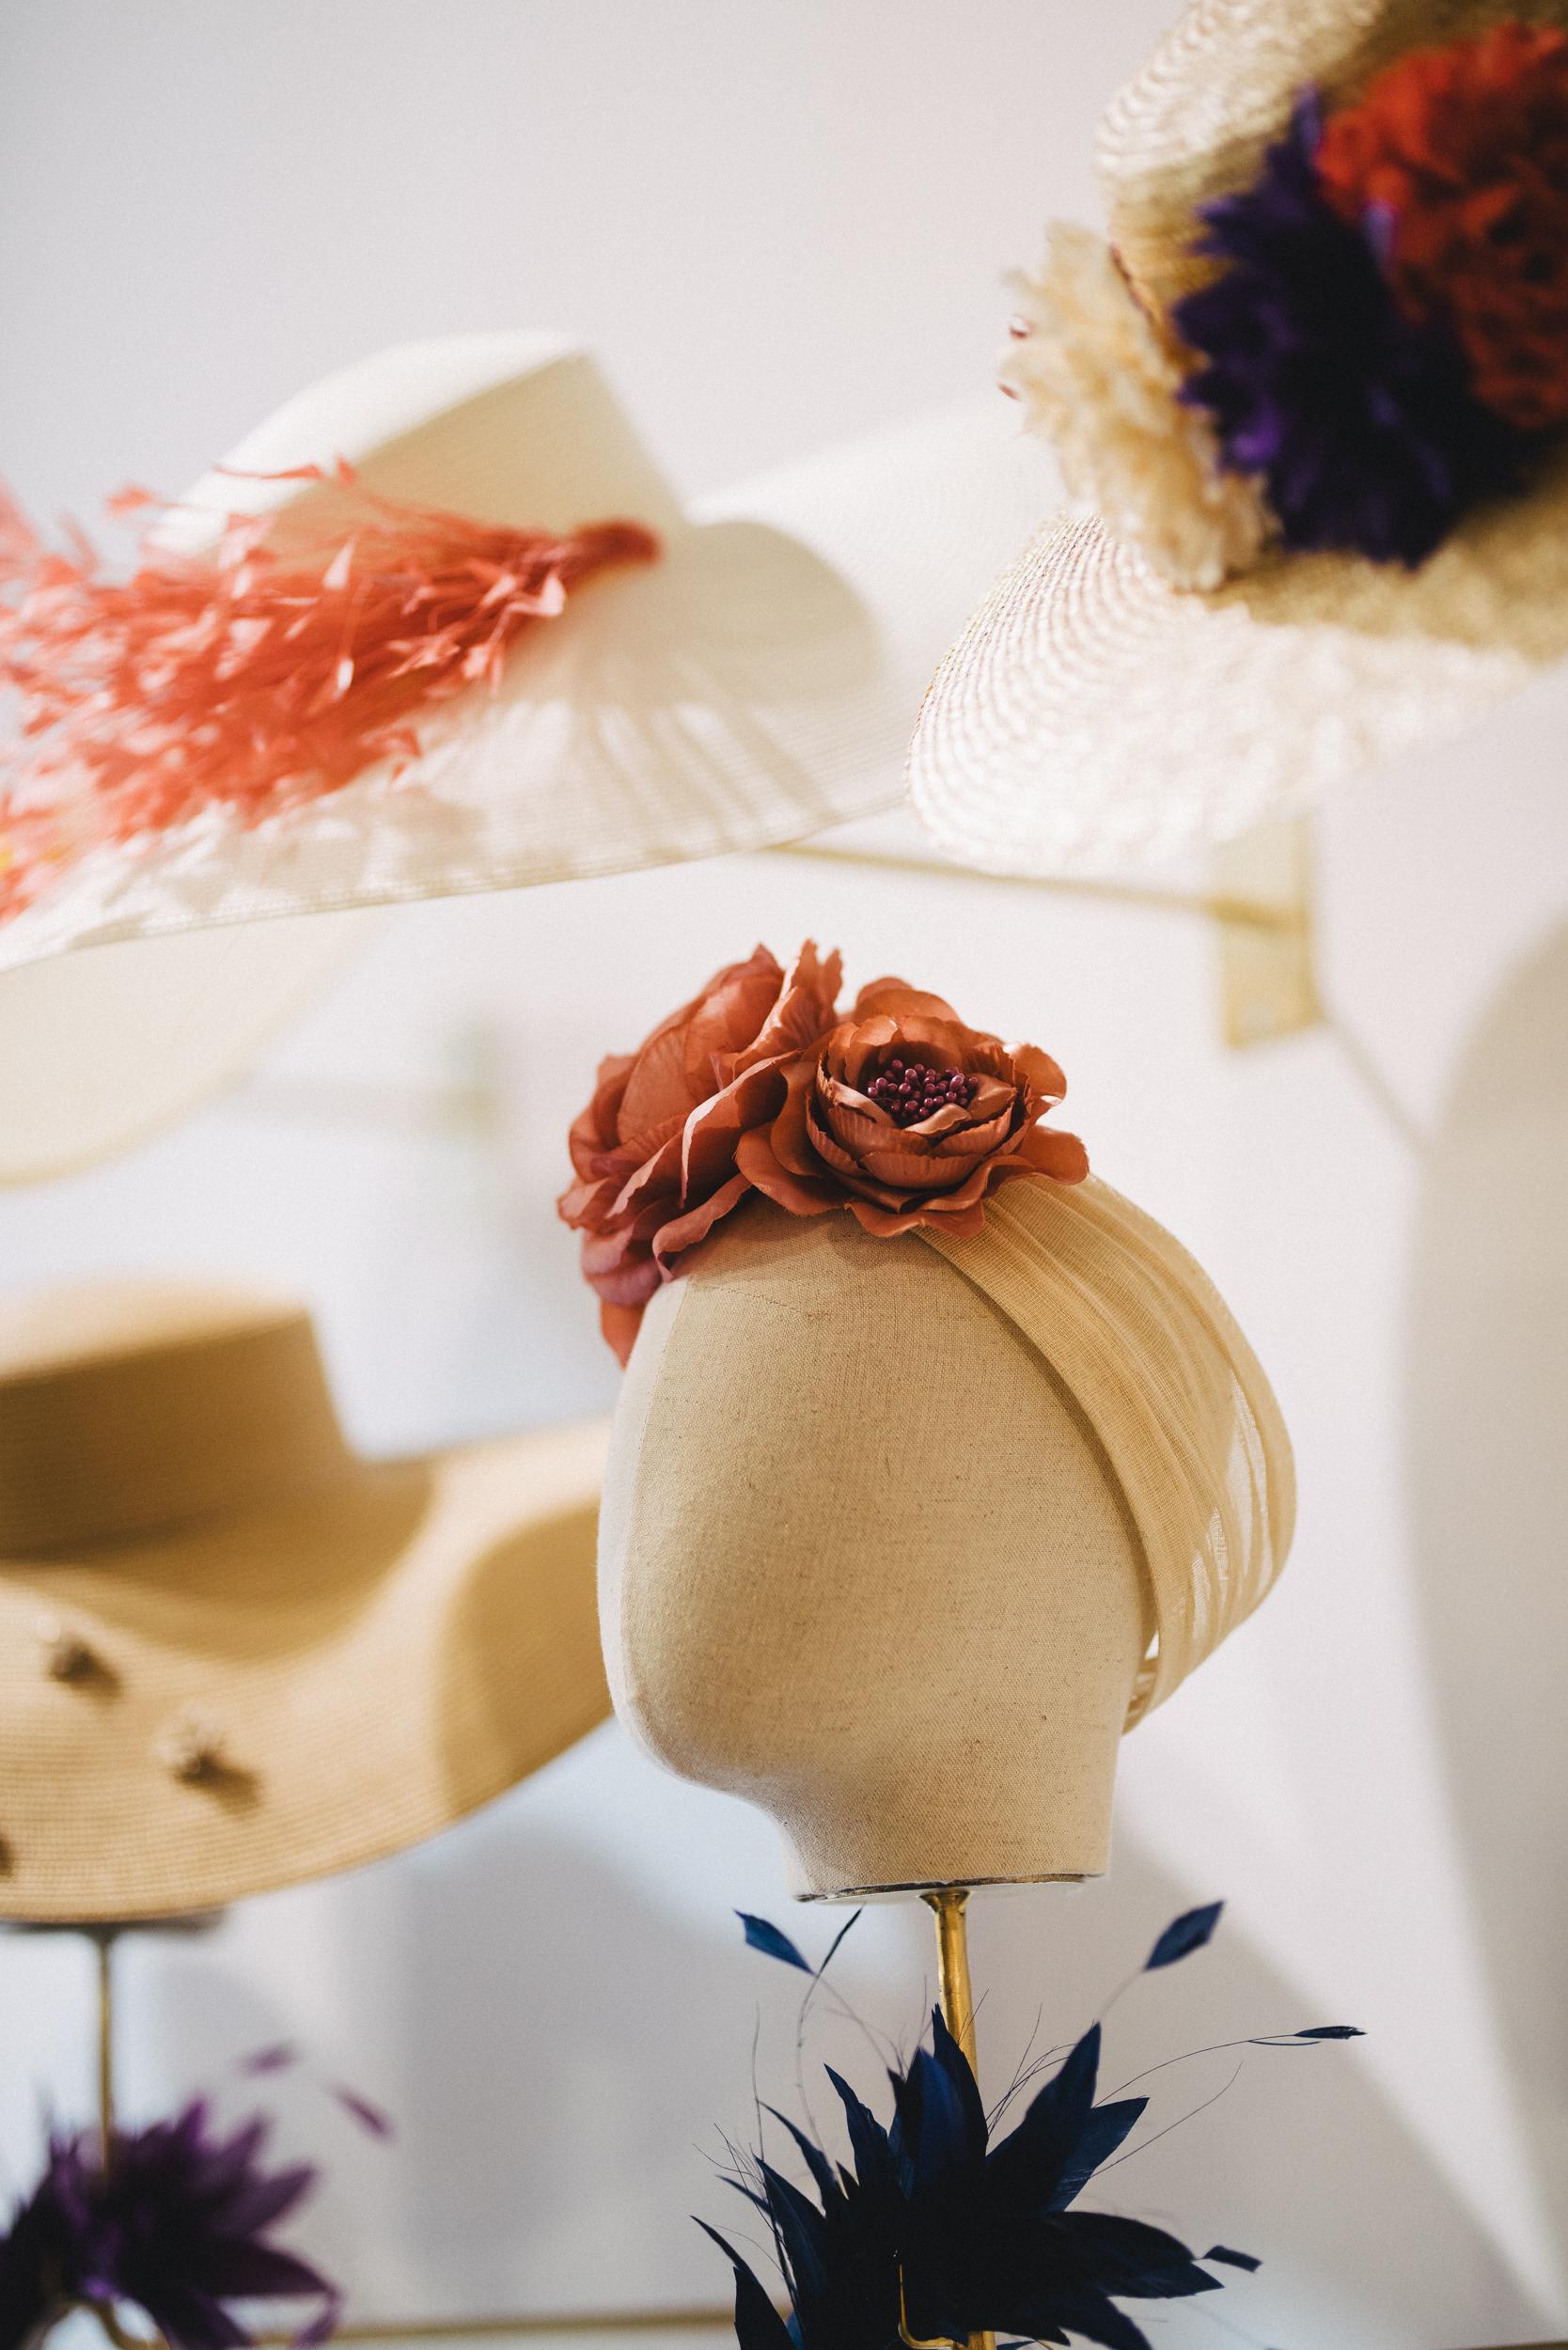 En nuestra tienda puedes encontrar más tocados que los que vendemos online. E incluso hacemos piezas a medida, para que vayas perfecta!